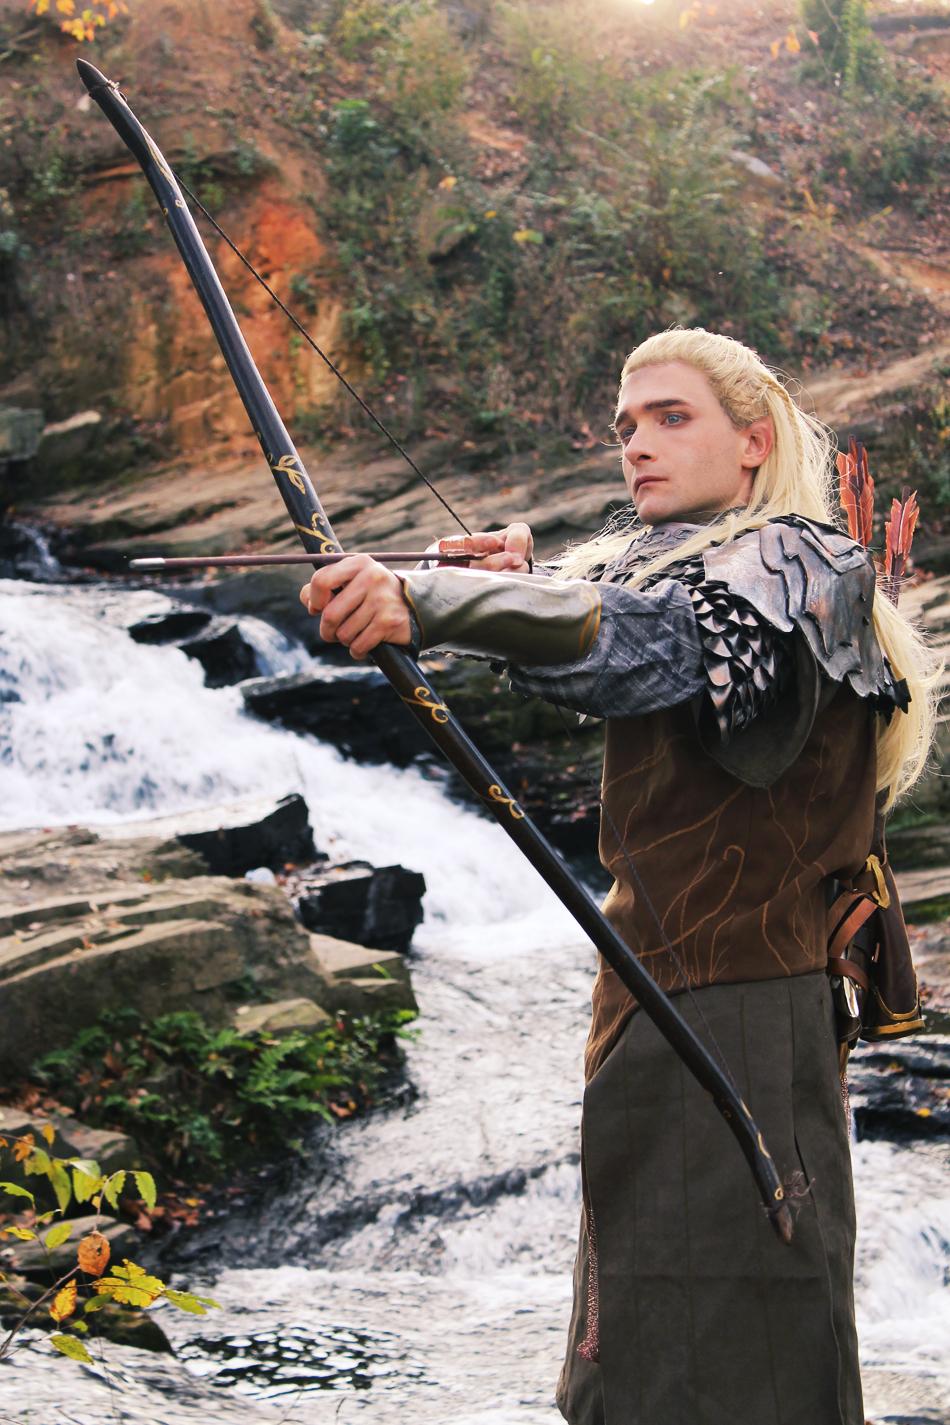 UC3070 - The Hobbit - Short Bow and Arrow of Legolas ...   Legolas Greenleaf Bow